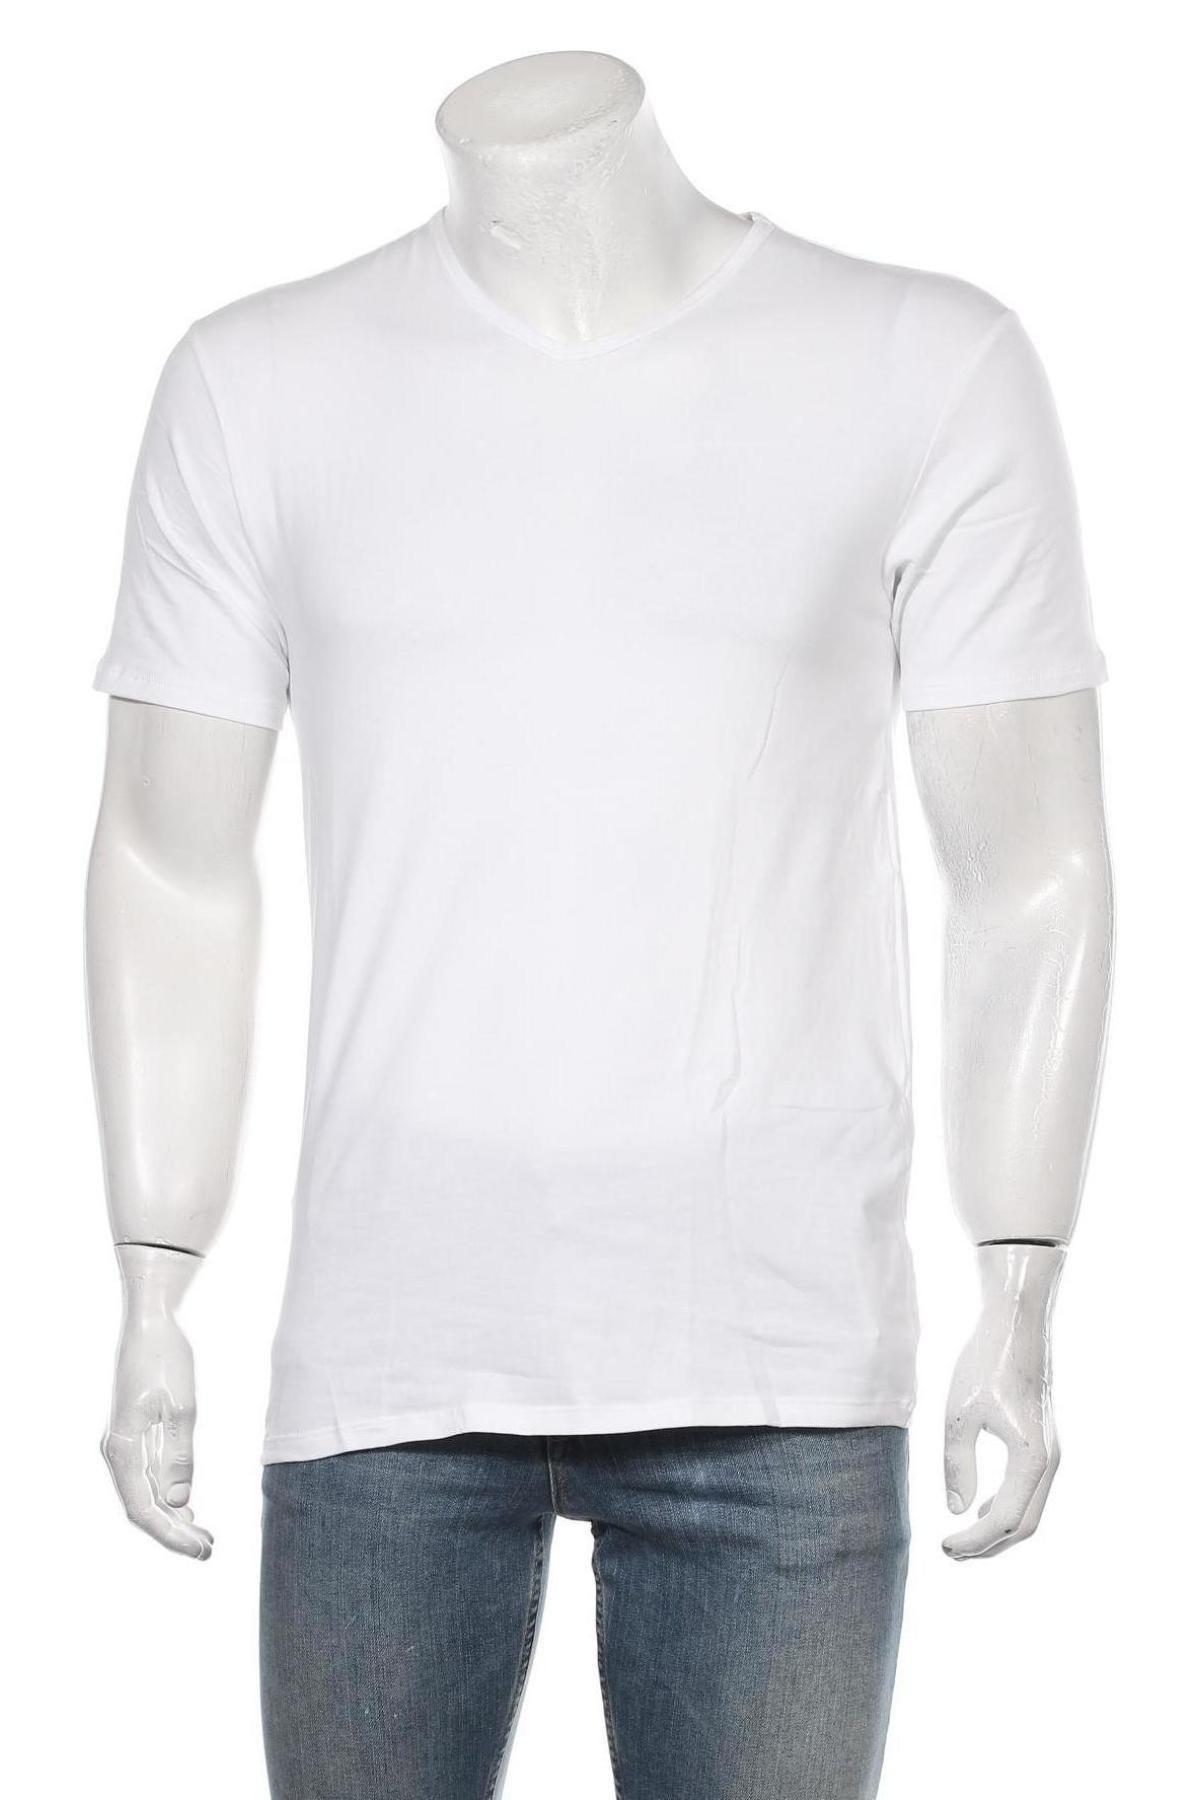 Мъжка тениска Dim, Размер M, Цвят Бял, 95% памук, 5% еластан, Цена 20,30лв.